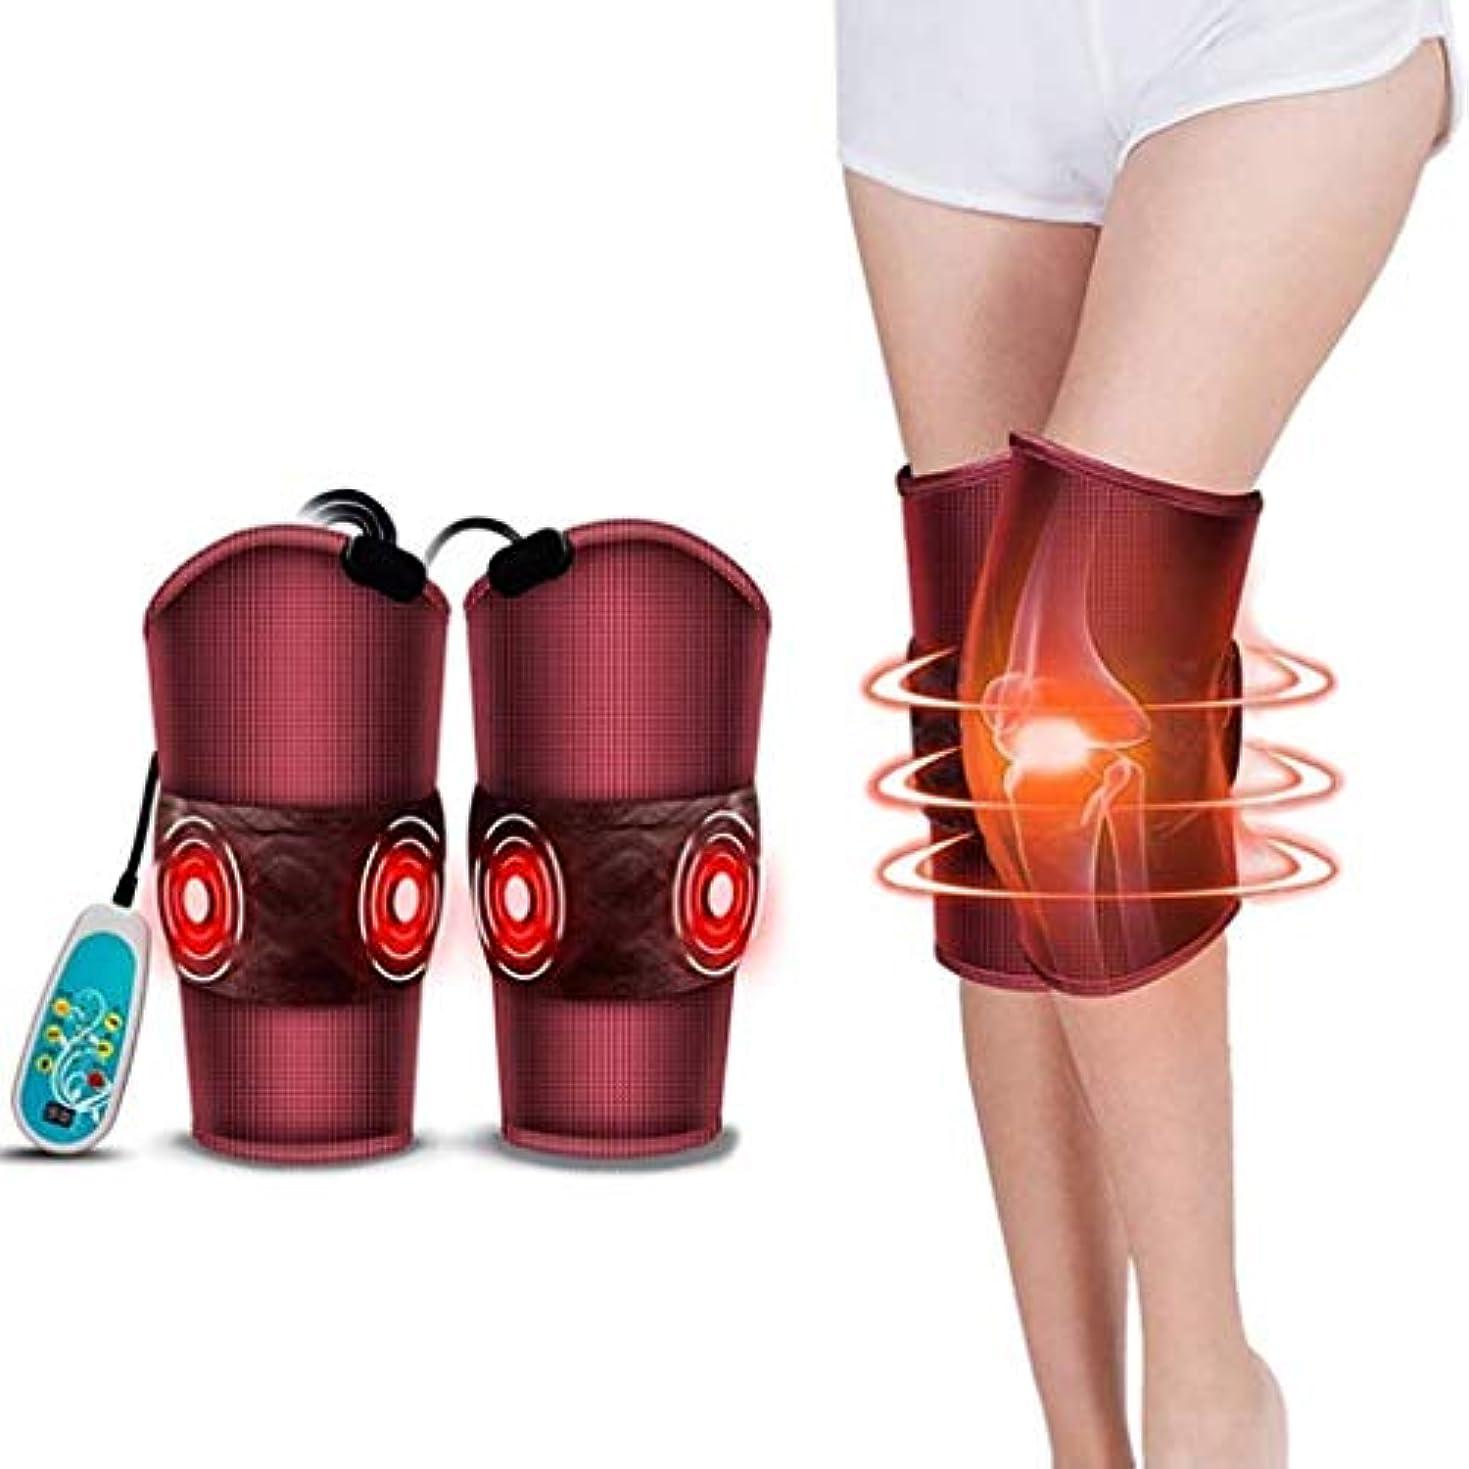 したがっておもちゃ不利益電気マッサージ器、膝温/膝振動加熱マッサージ器、ウエスト/脚/膝の痛みを和らげる